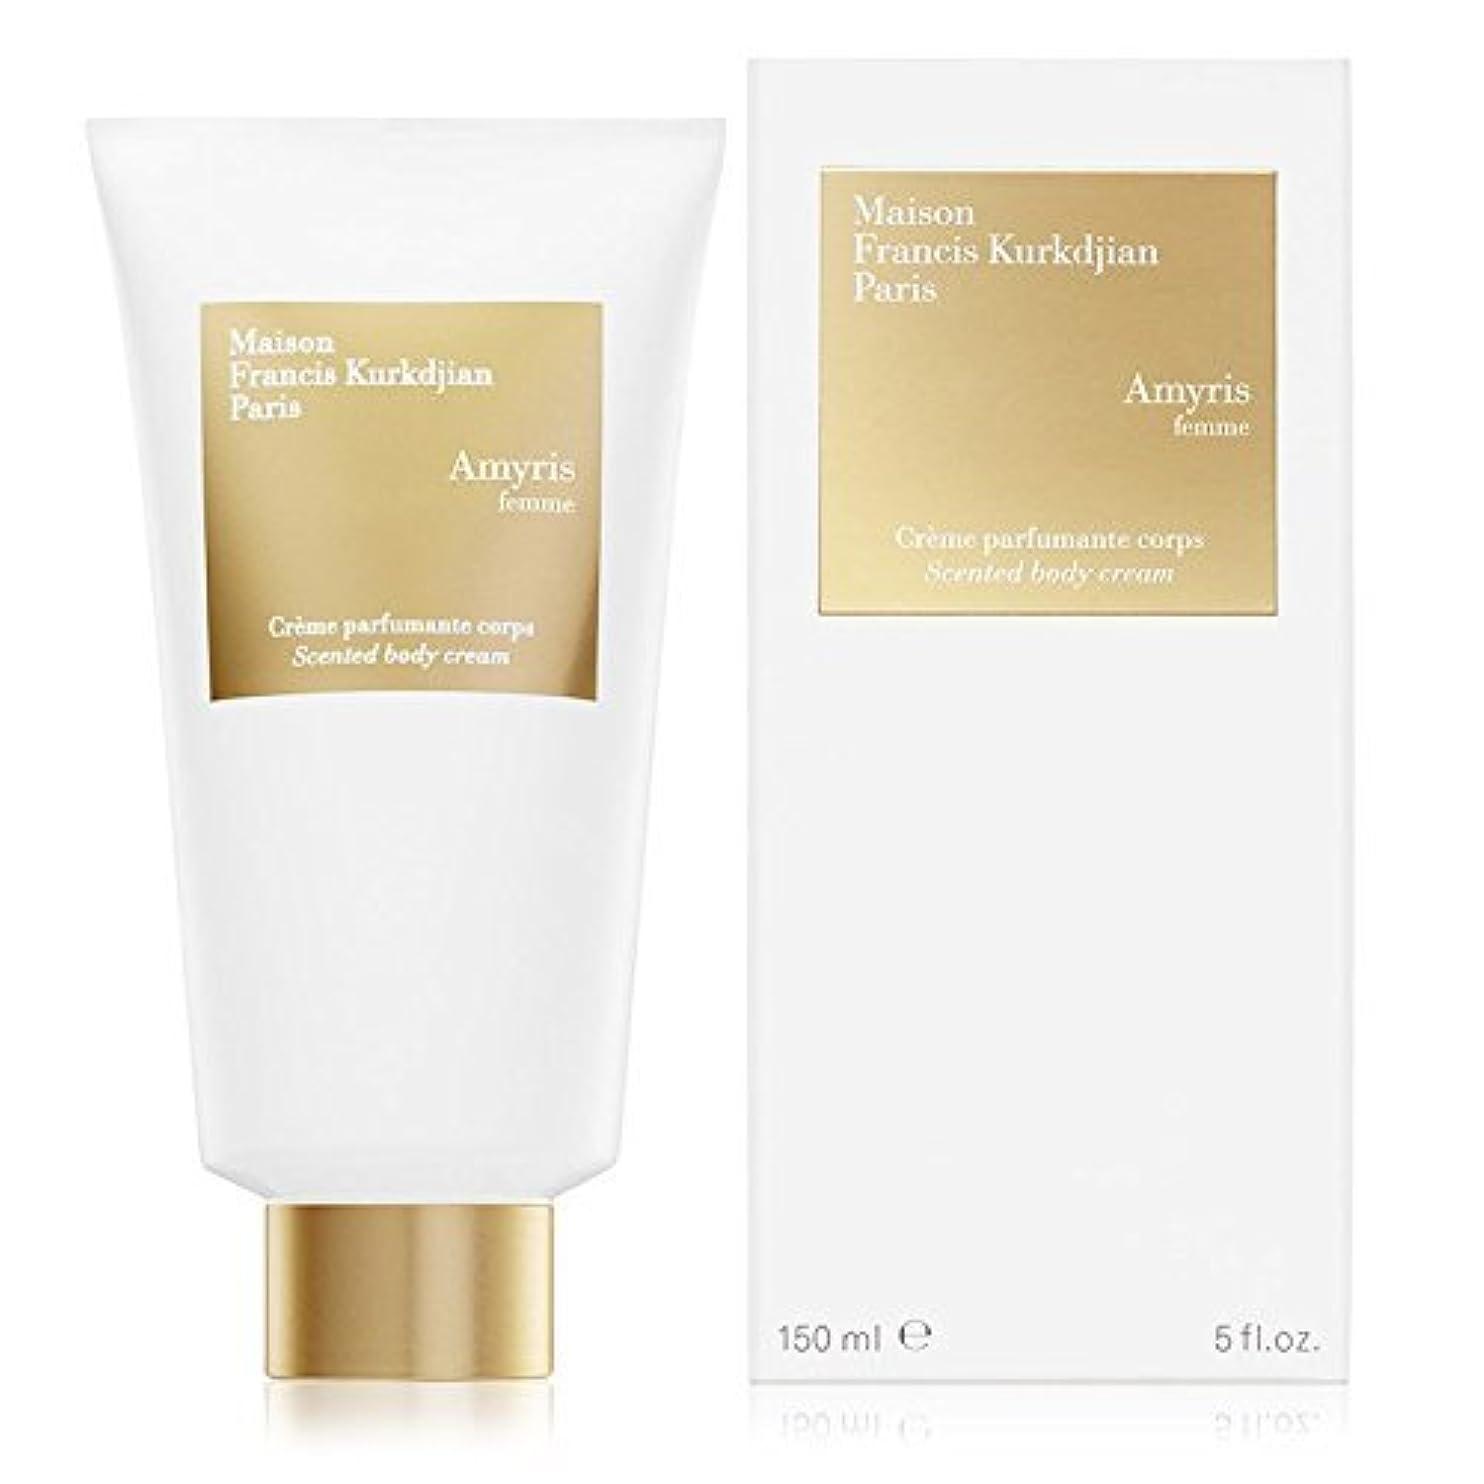 二週間サイクル豊富なMaison Francis Kurkdjian Amyris Femme Scented Body Cream(メゾン フランシス クルジャン アミリス ファム ボディクリーム)150ml [並行輸入品]